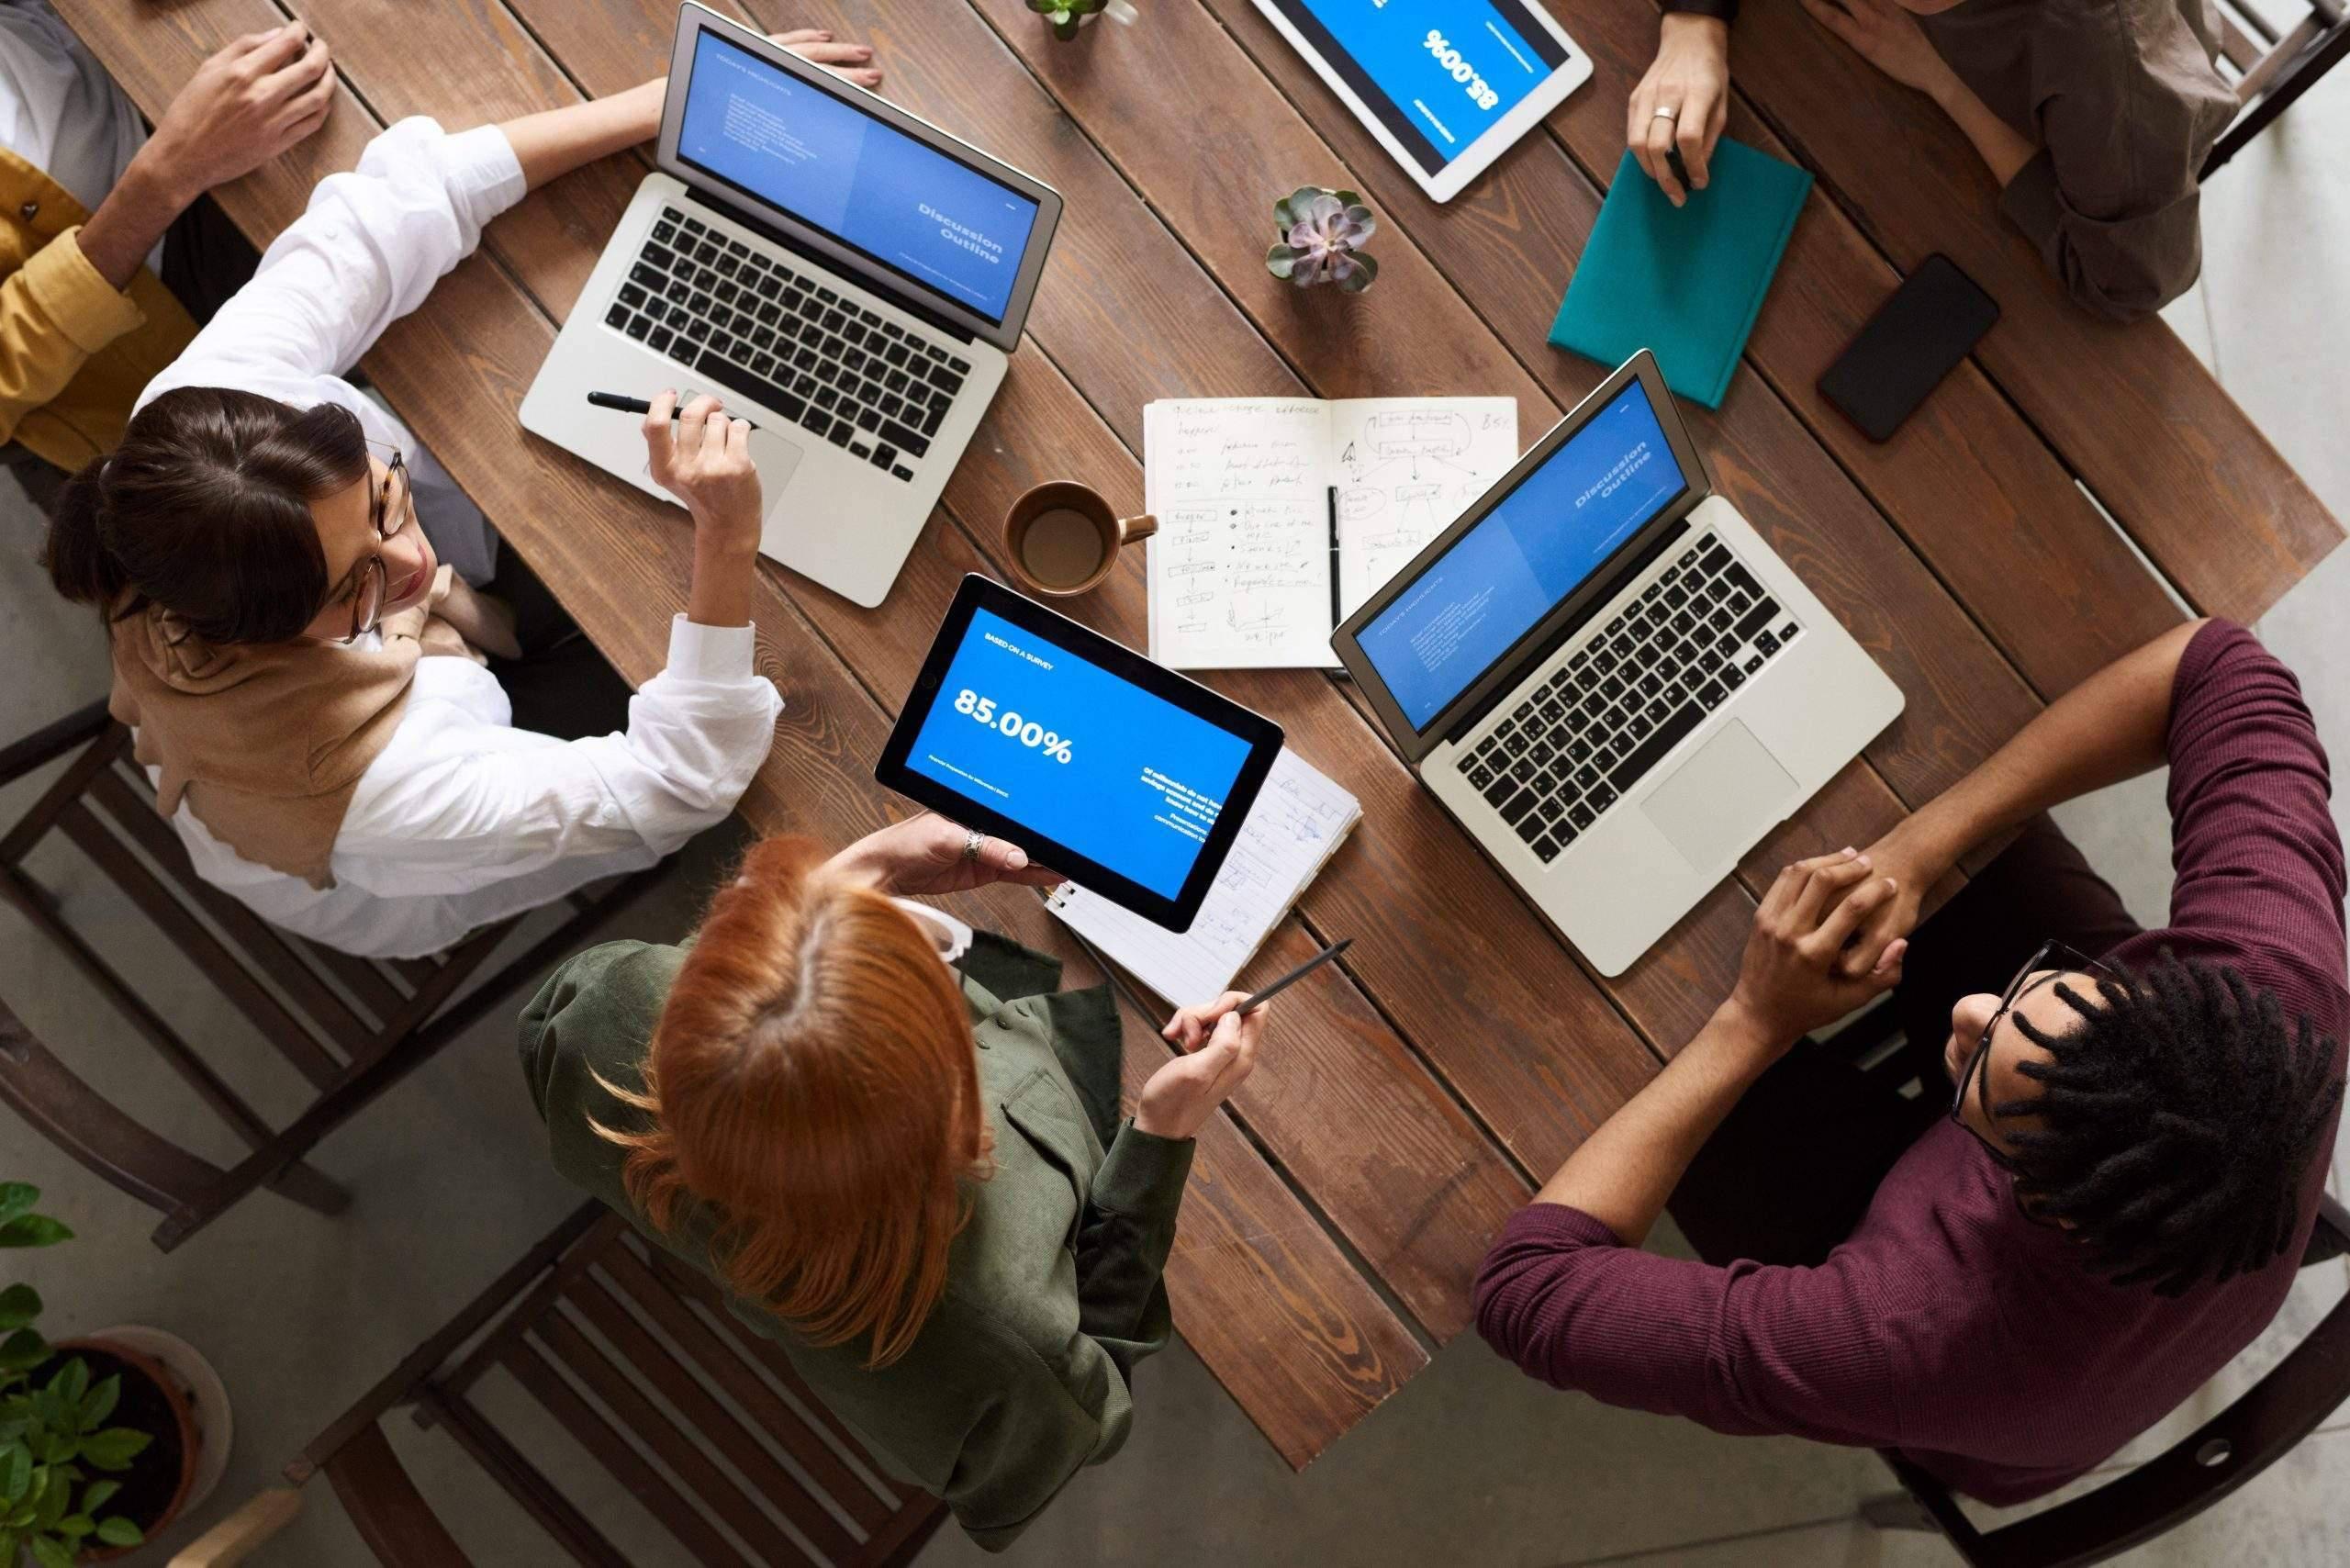 电子产业互联网平台获同创伟业领投近亿元 运营社区聚集200多万工程师群体